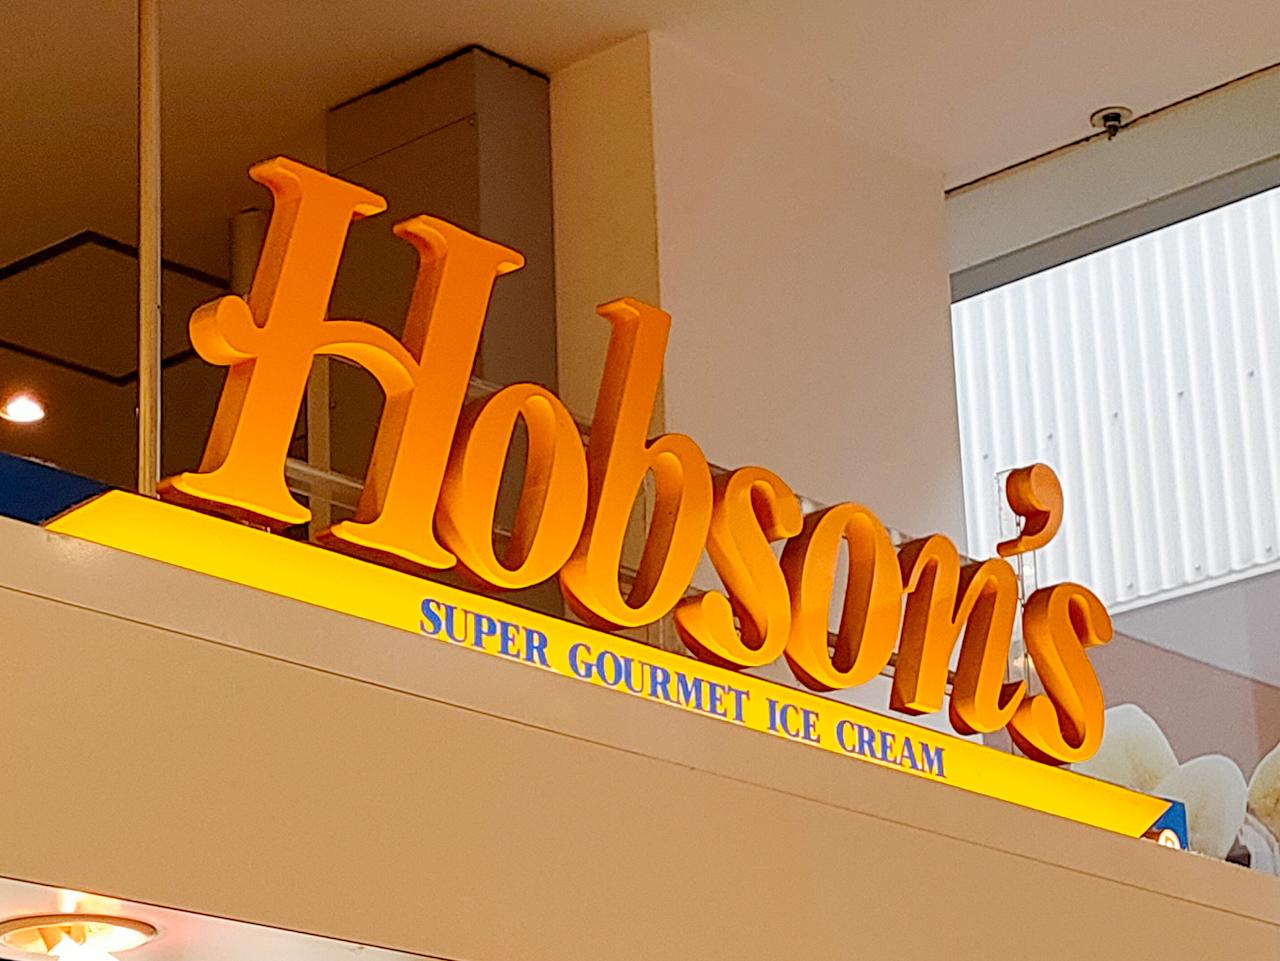 コクーンシティのコクーン1・1回にあるアイスクリーム・クレープのお店「ホブソンズ」